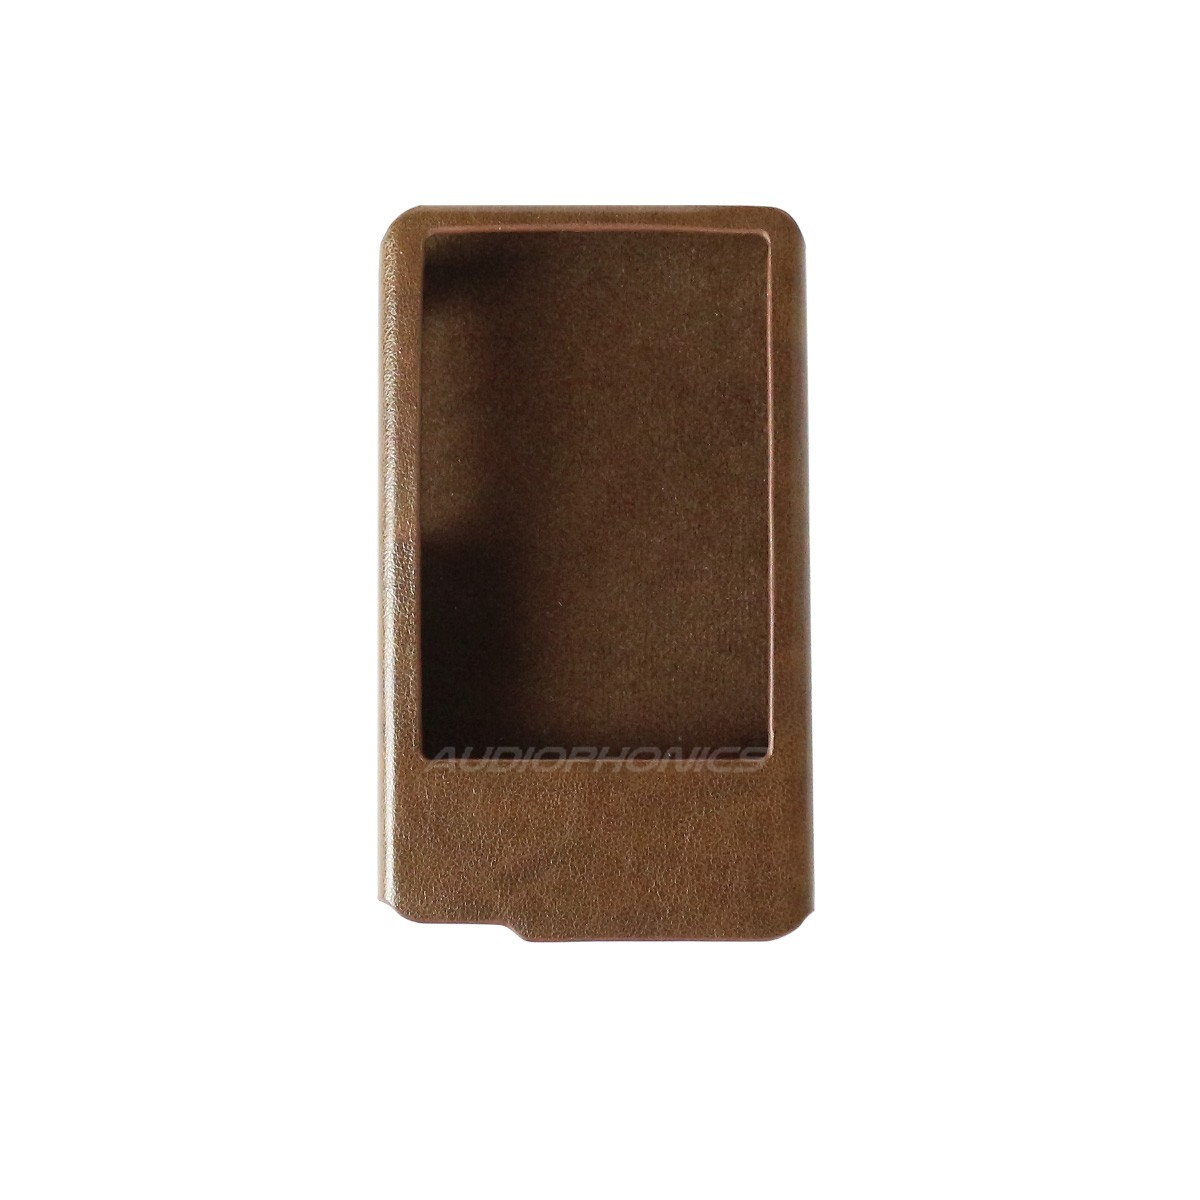 HIDIZS Brown Leatherette Cover for Hidizs AP200 DAP